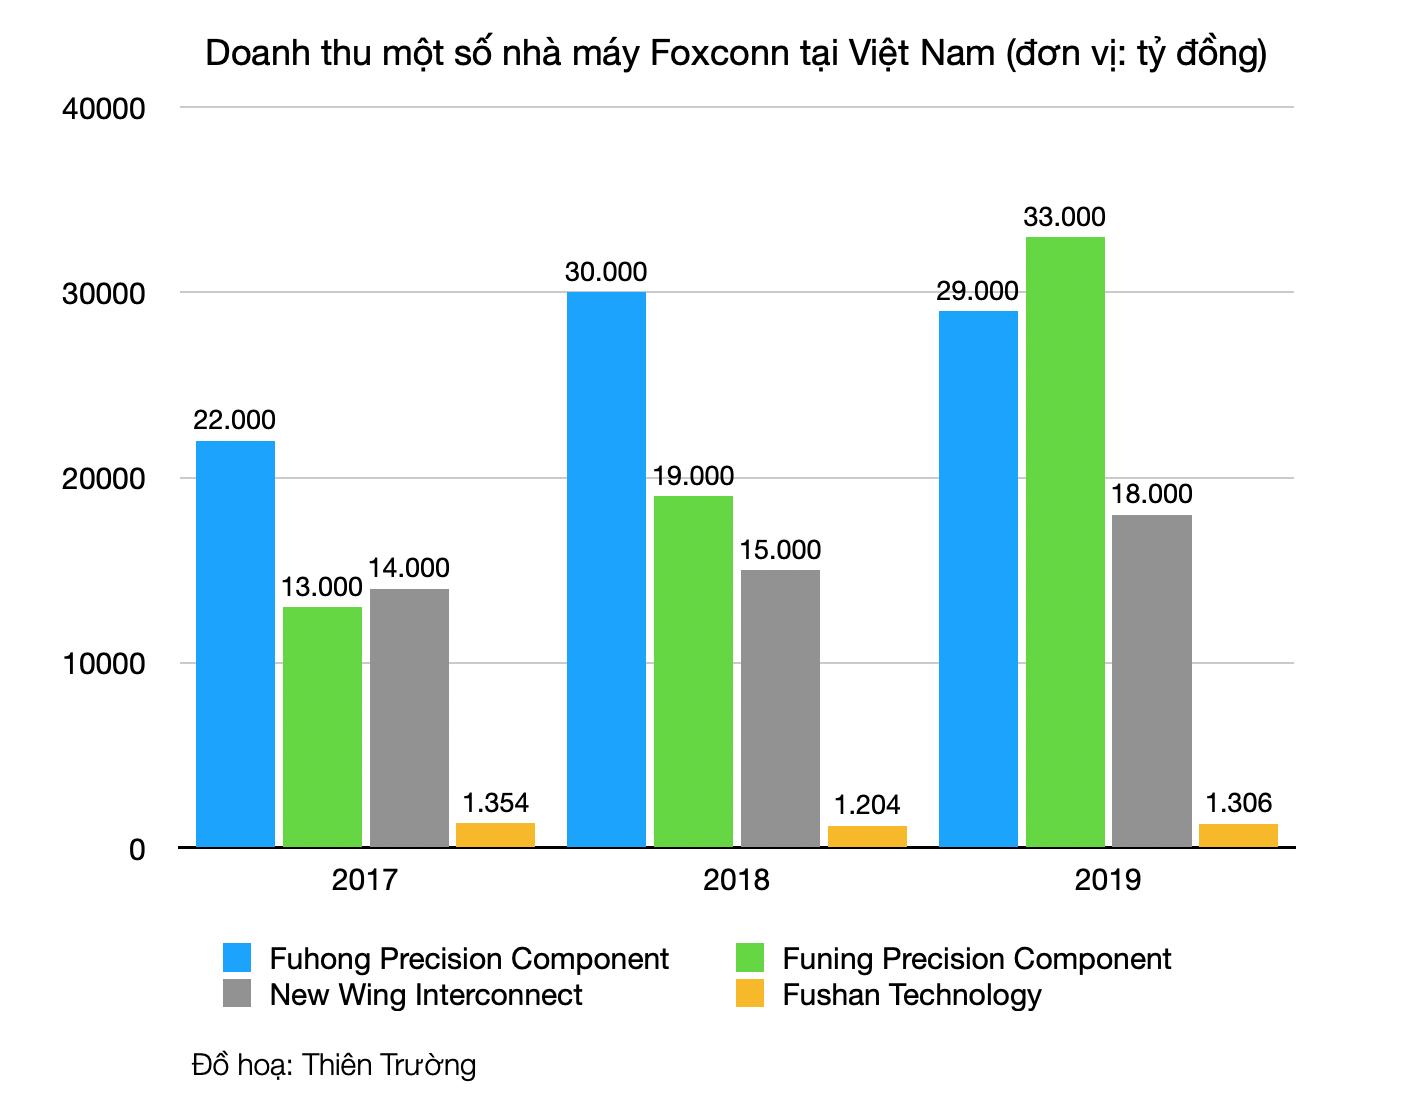 Cứ hai năm lại có một nhà máy được mở mới, hệ sinh thái Foxconn đang 'bành trướng' như thế nào tại Việt Nam? - Ảnh 2.